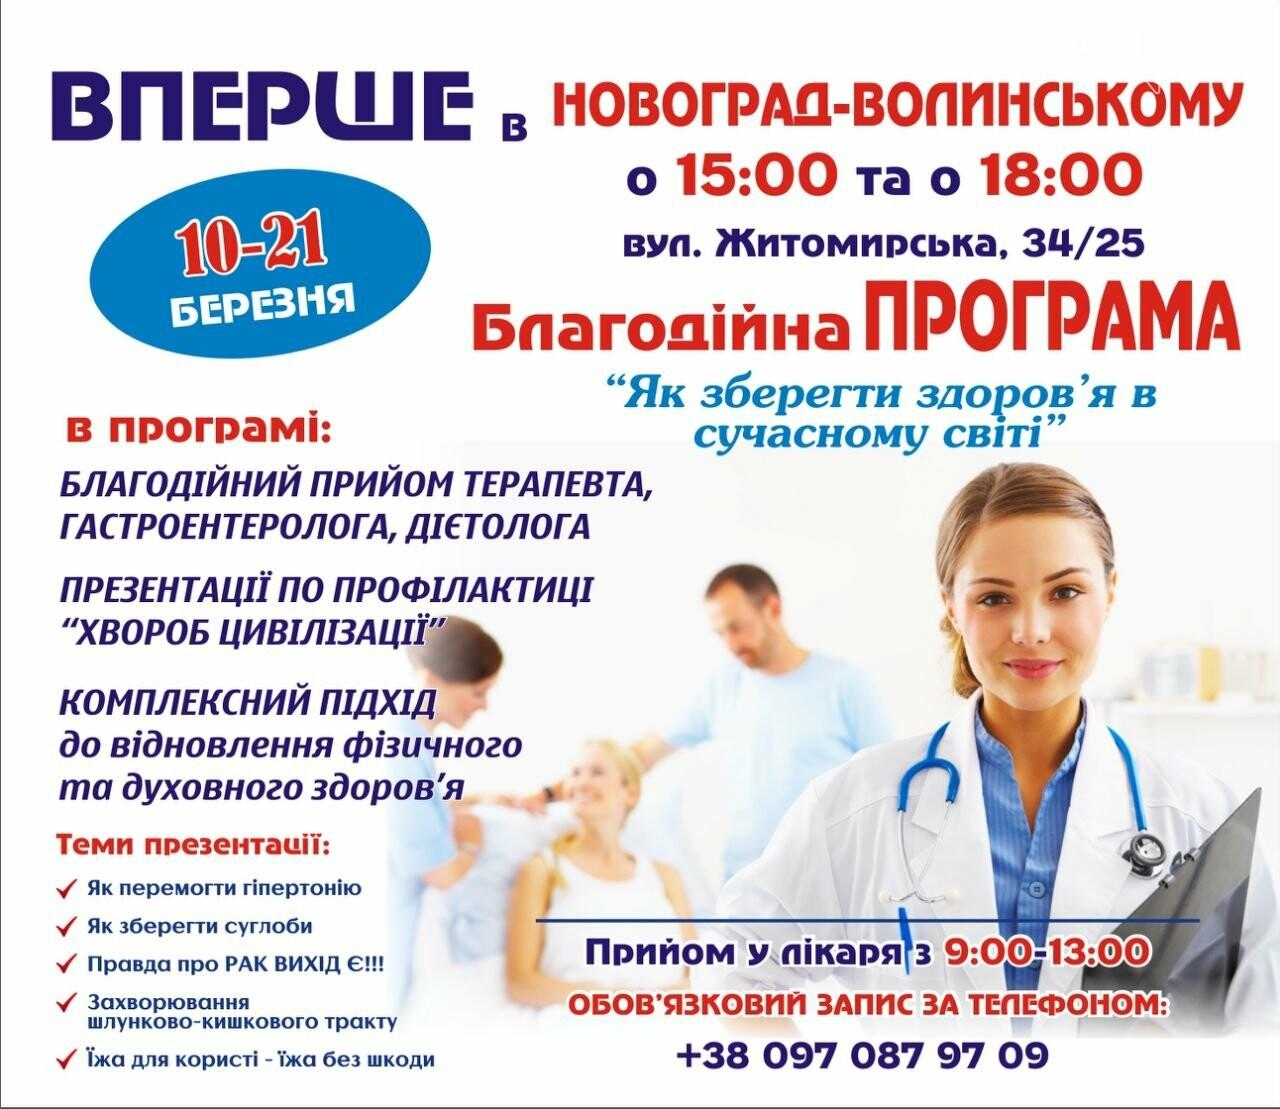 Як безкоштовно  перевірити стан здоров'я в рамках благодійної акції в Новограді-Волинському, фото-1